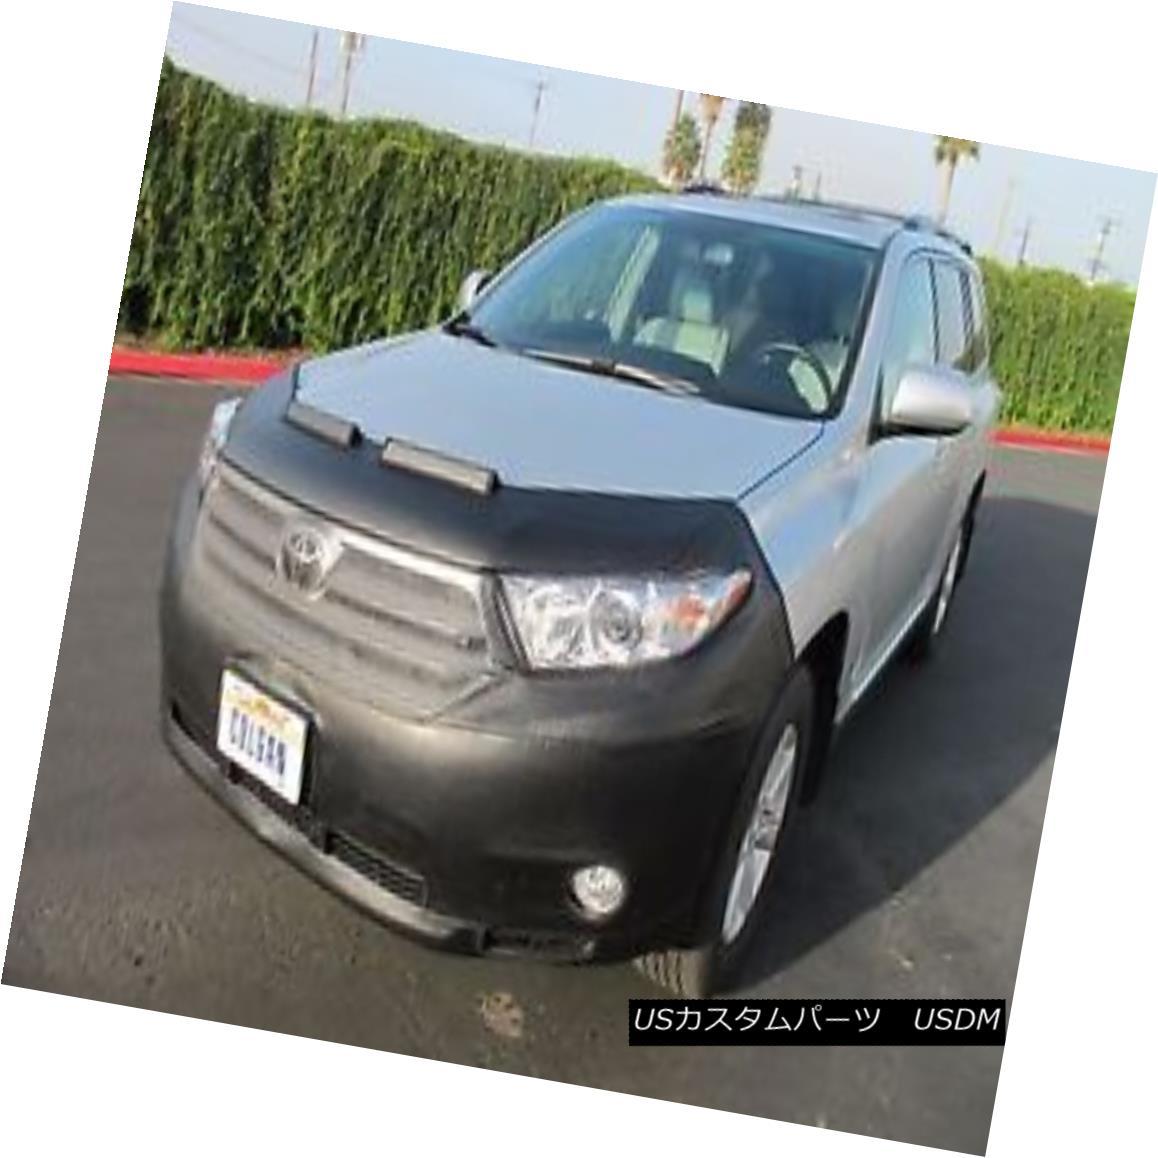 フルブラ ノーズブラ Colgan Front End Mask Bra 2pc. Fits Toyota Highlander 2011-2013 W/O Licen.Plate コルガンフロントエンドマスクブラ2pc トヨタハイランダー2011-2013 W / O License.Plateに適合